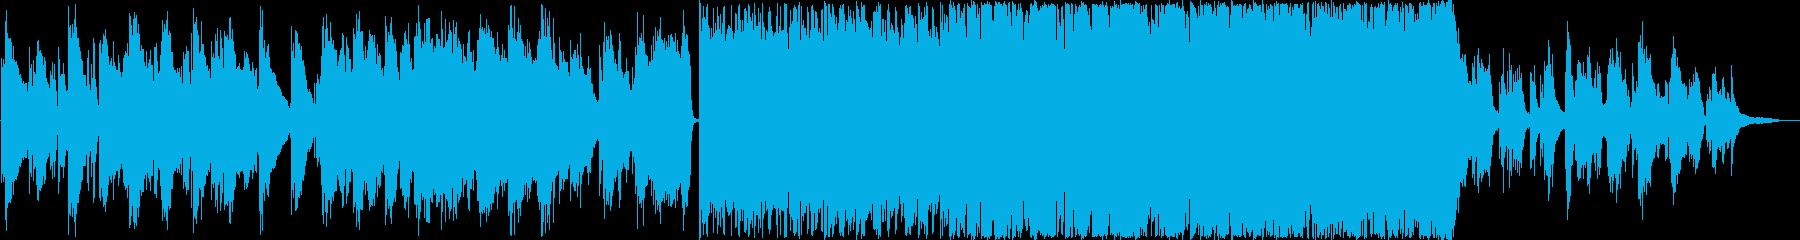 ピアノ・ギター・チェロ前奏曲+激しいソロの再生済みの波形